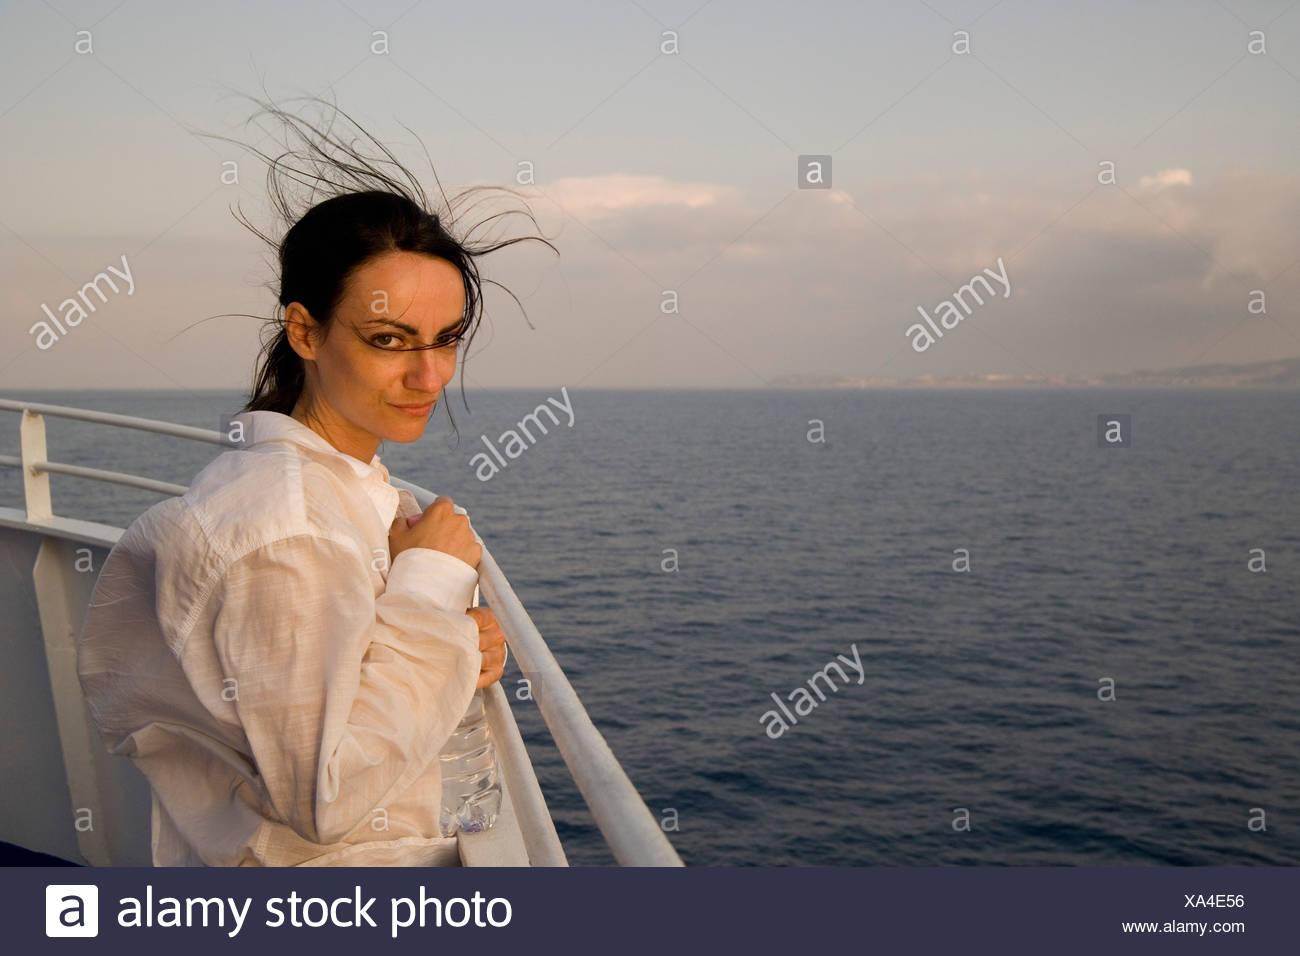 Eine Frau stand auf dem Schreibtisch eines Schiffes Stockbild